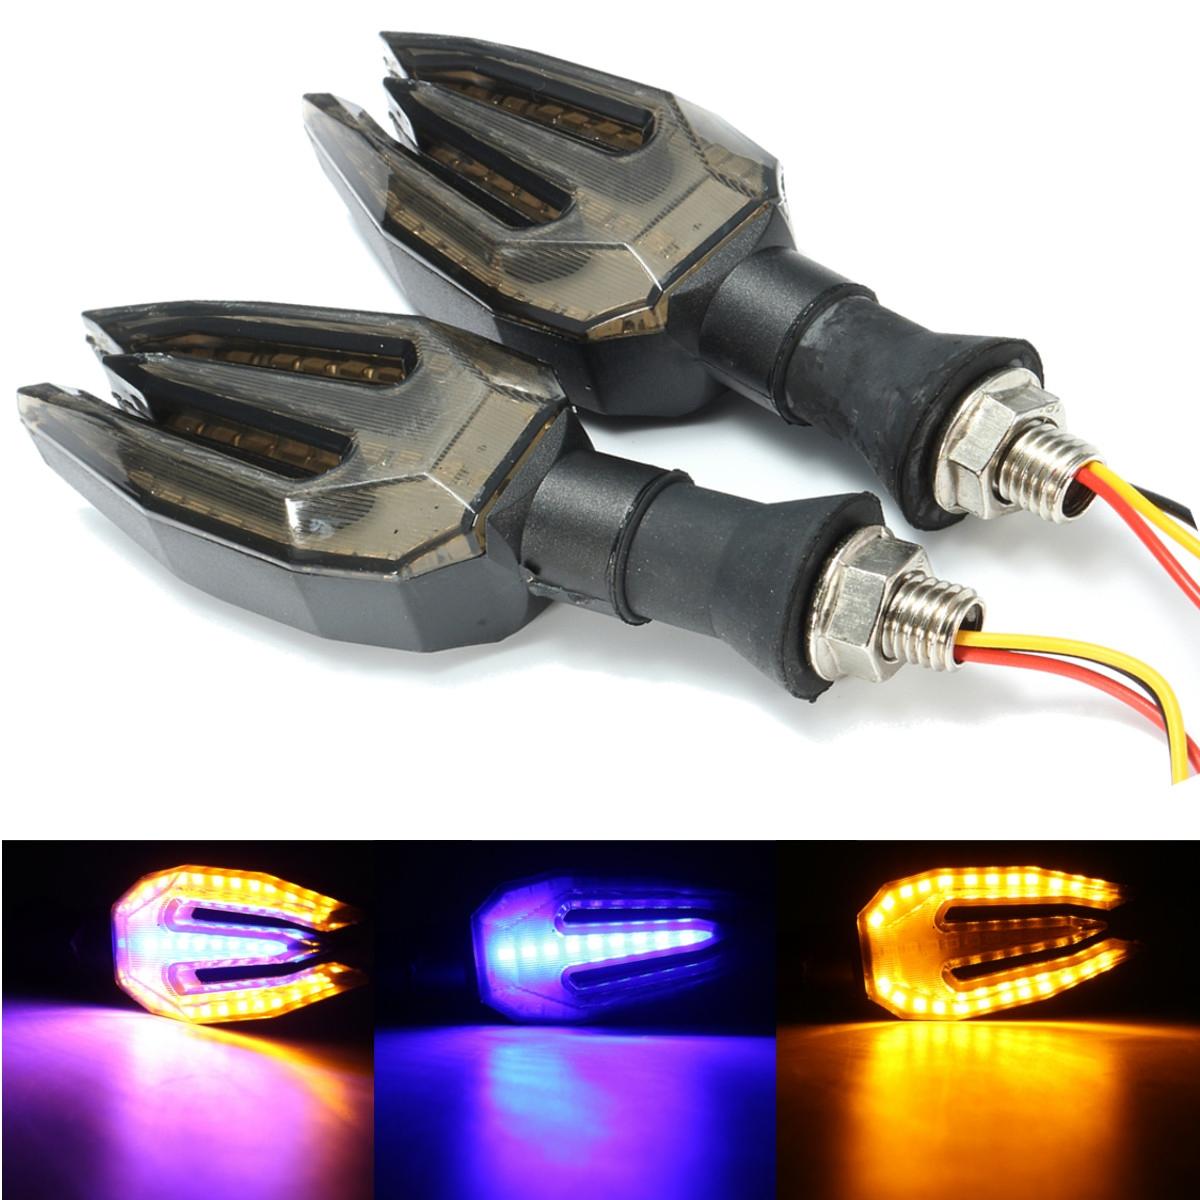 Двойной цвет LED Сигнал поворота Янтарный фиолетовый мотоцикл Индикатор работает тормозной свет